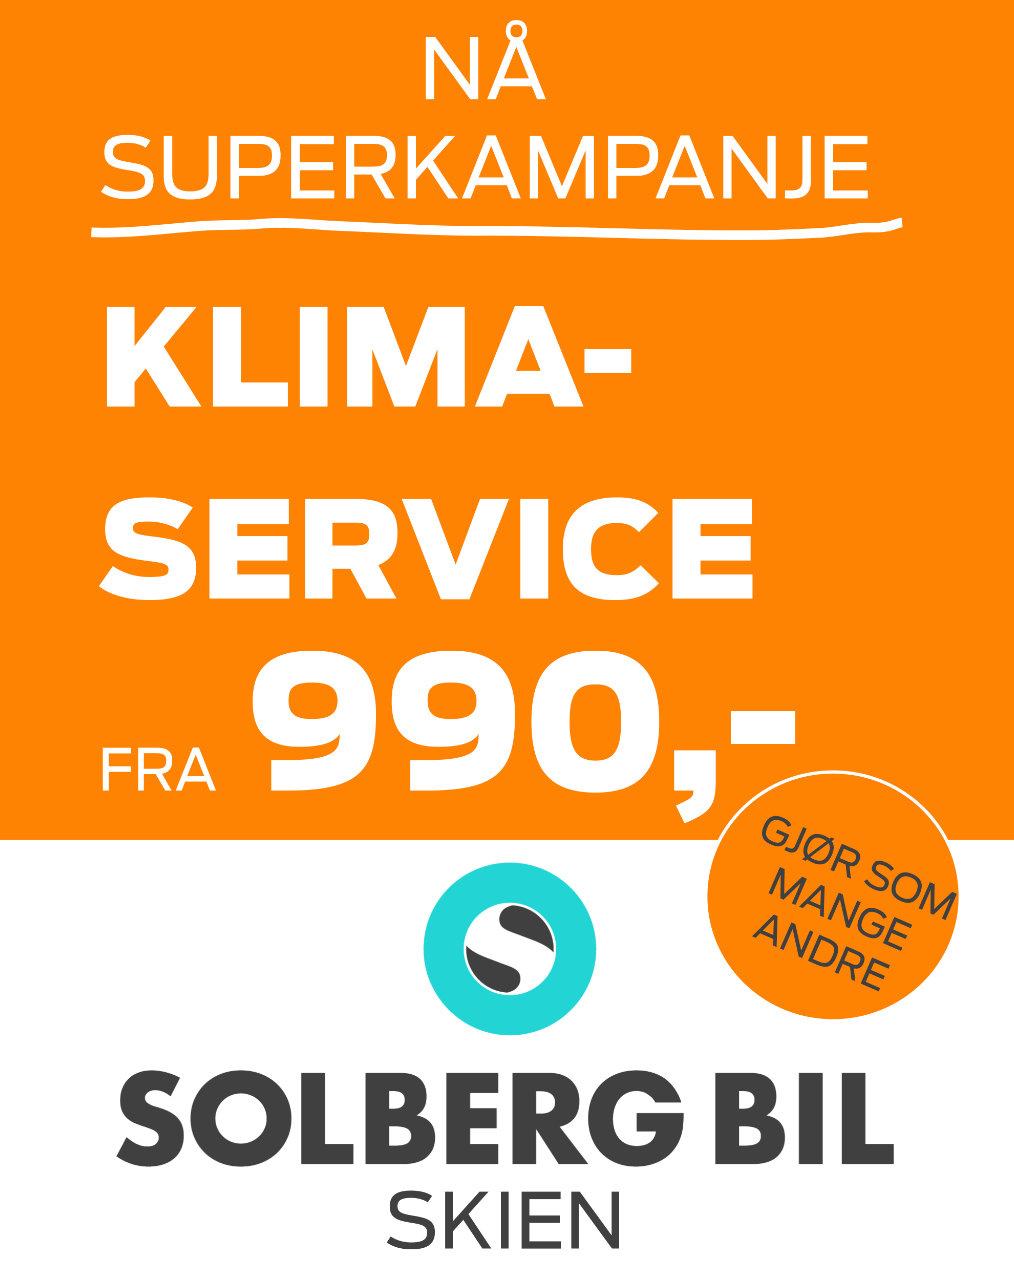 Solberg bil Superkampanje